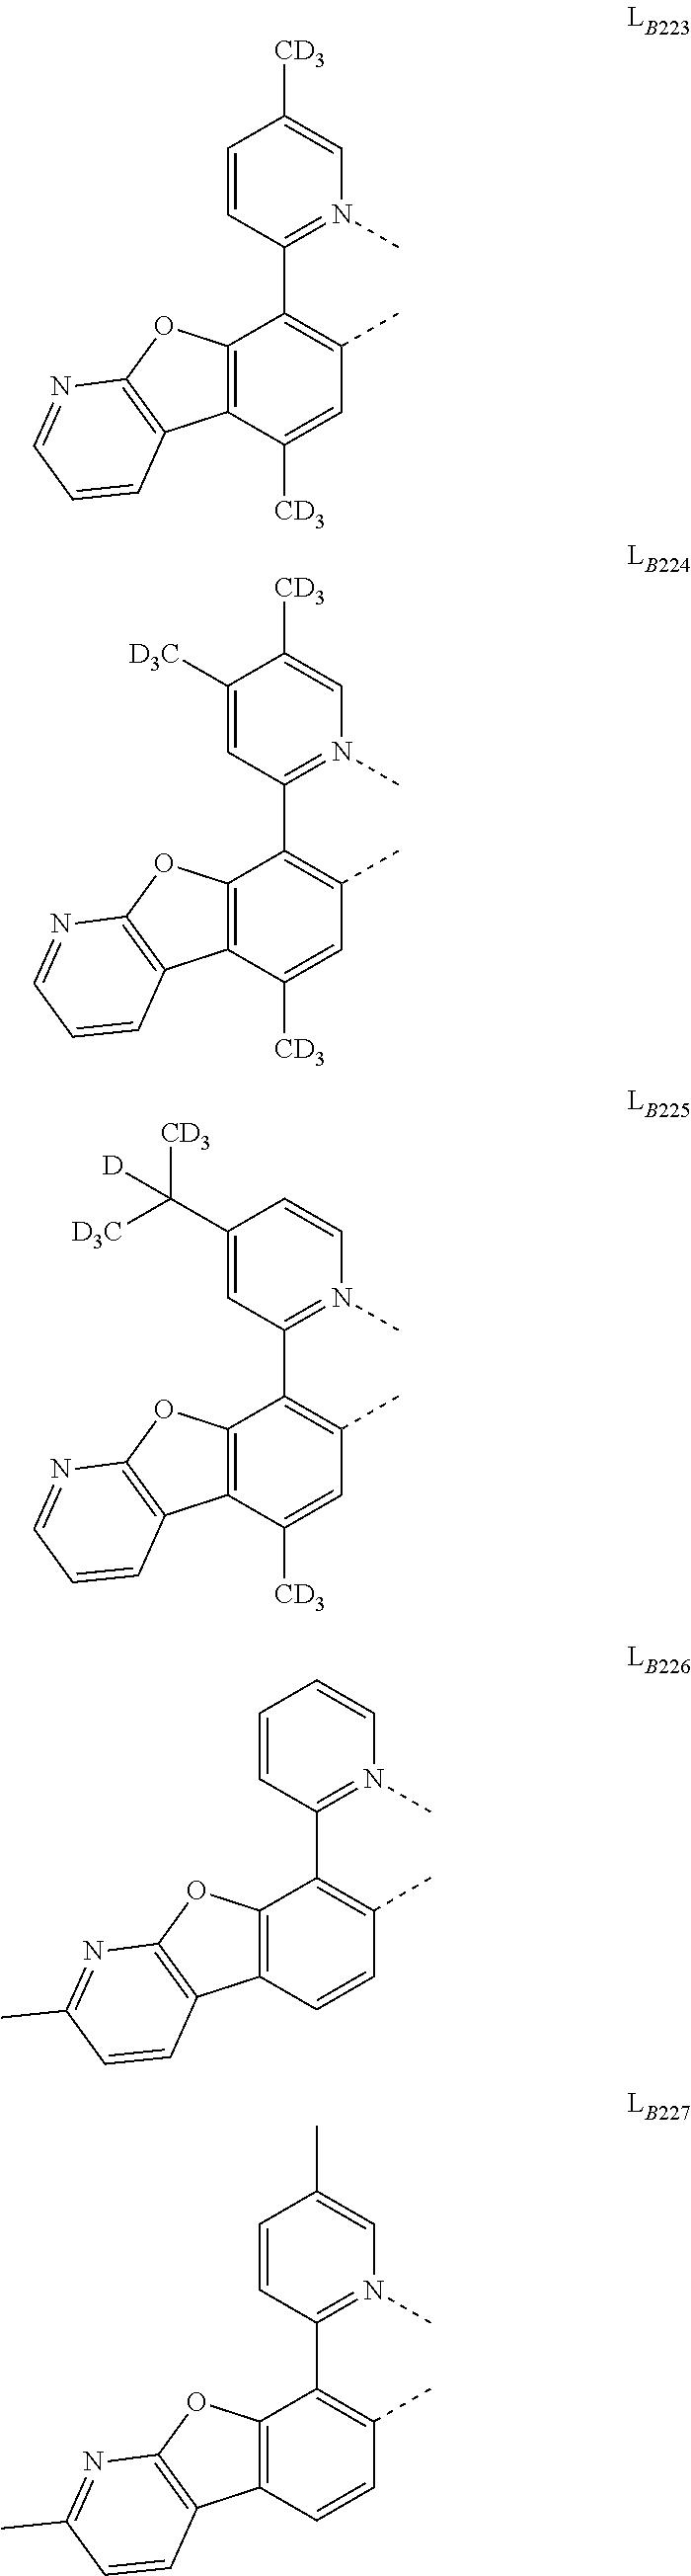 Figure US20180130962A1-20180510-C00111